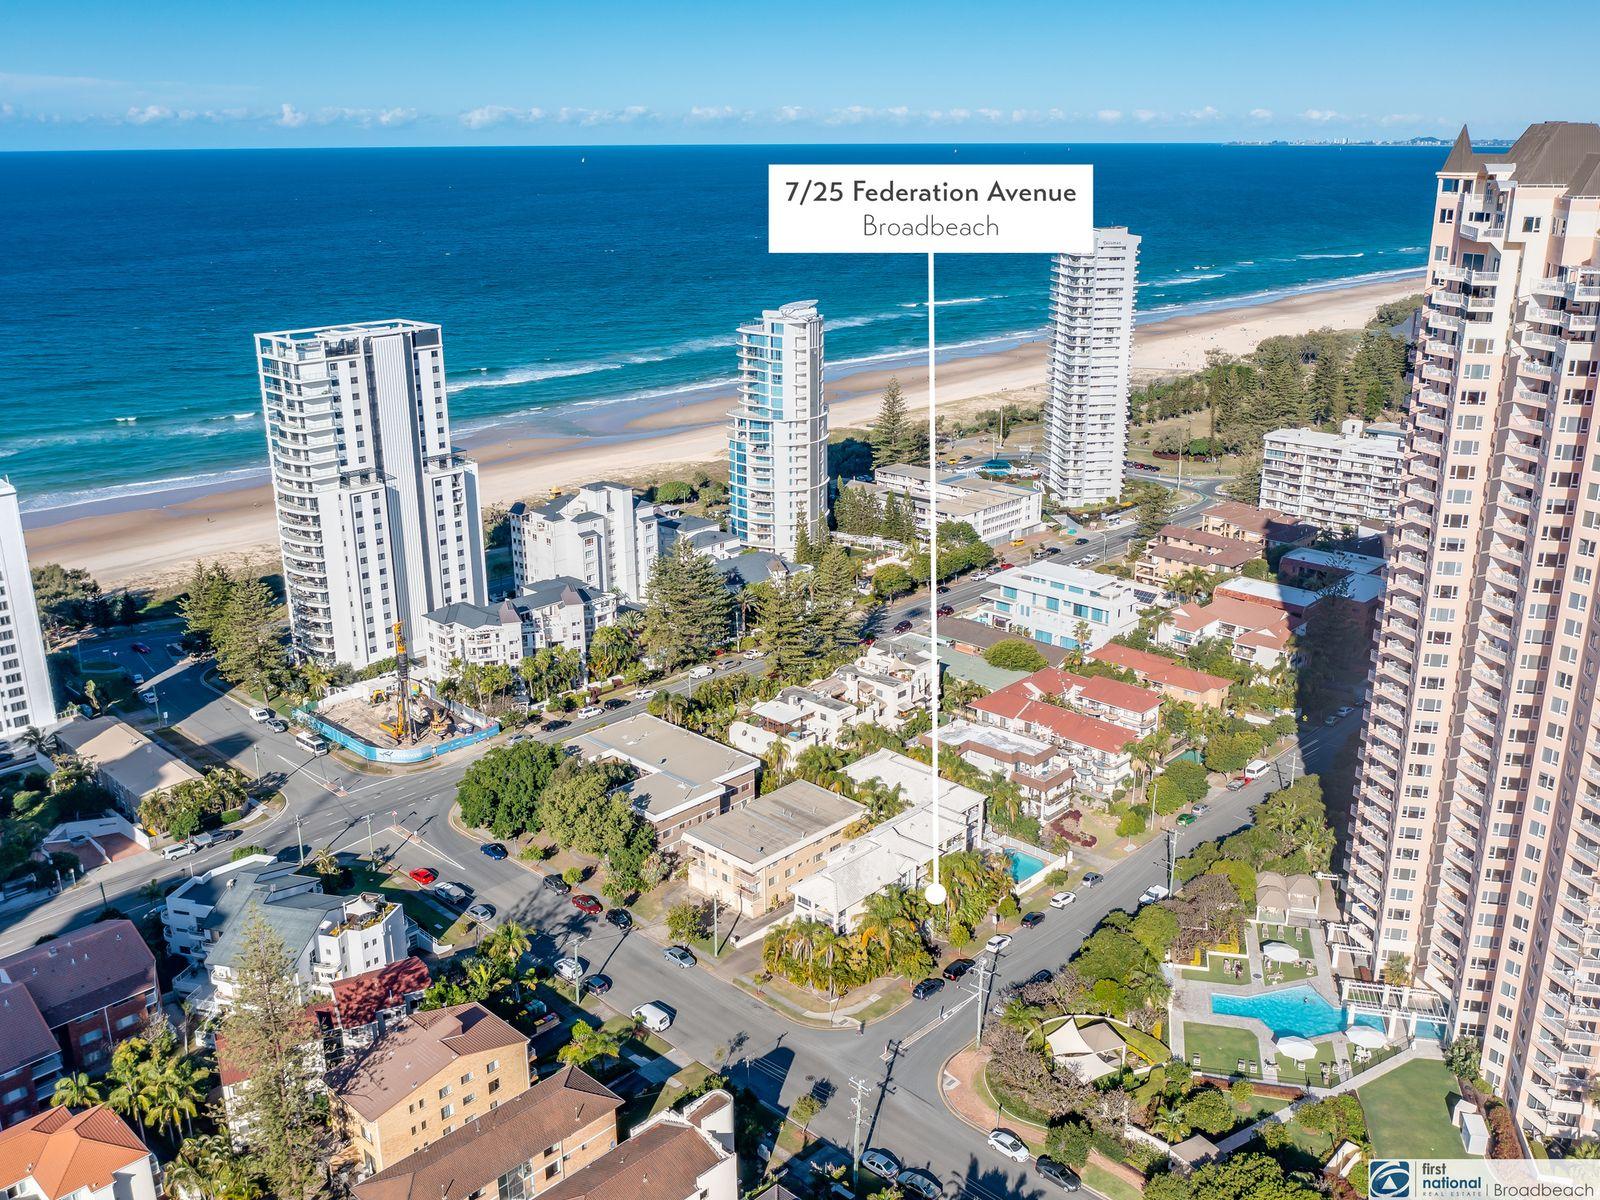 7/25 Federation Avenue, Broadbeach, QLD 4218